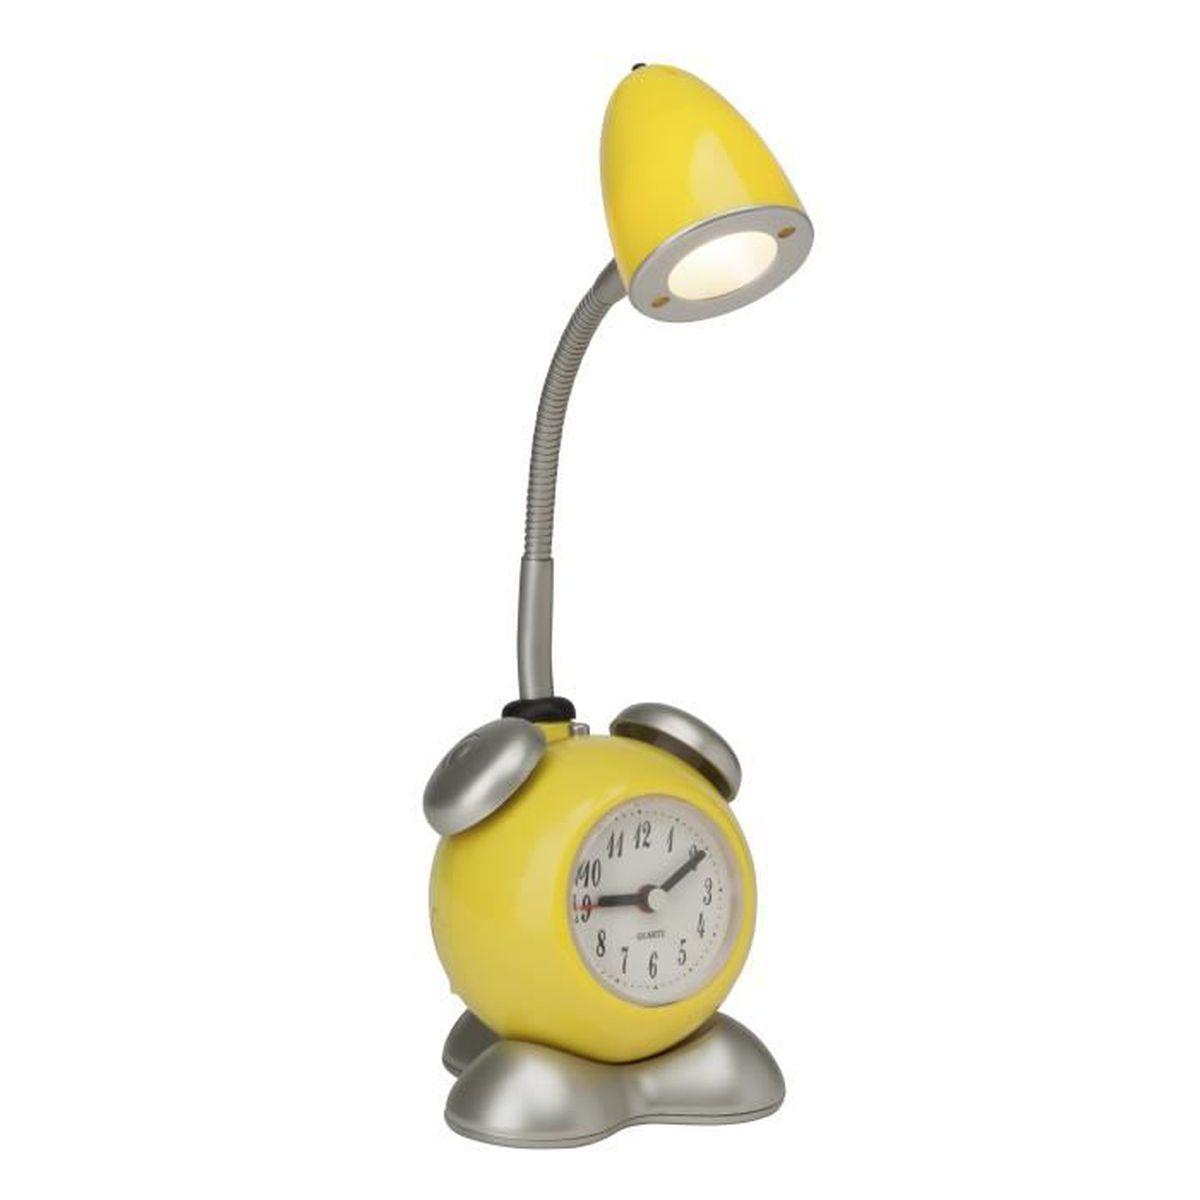 Lampe de chevet jaune achat vente lampe de chevet for Lampe chevet pas cher